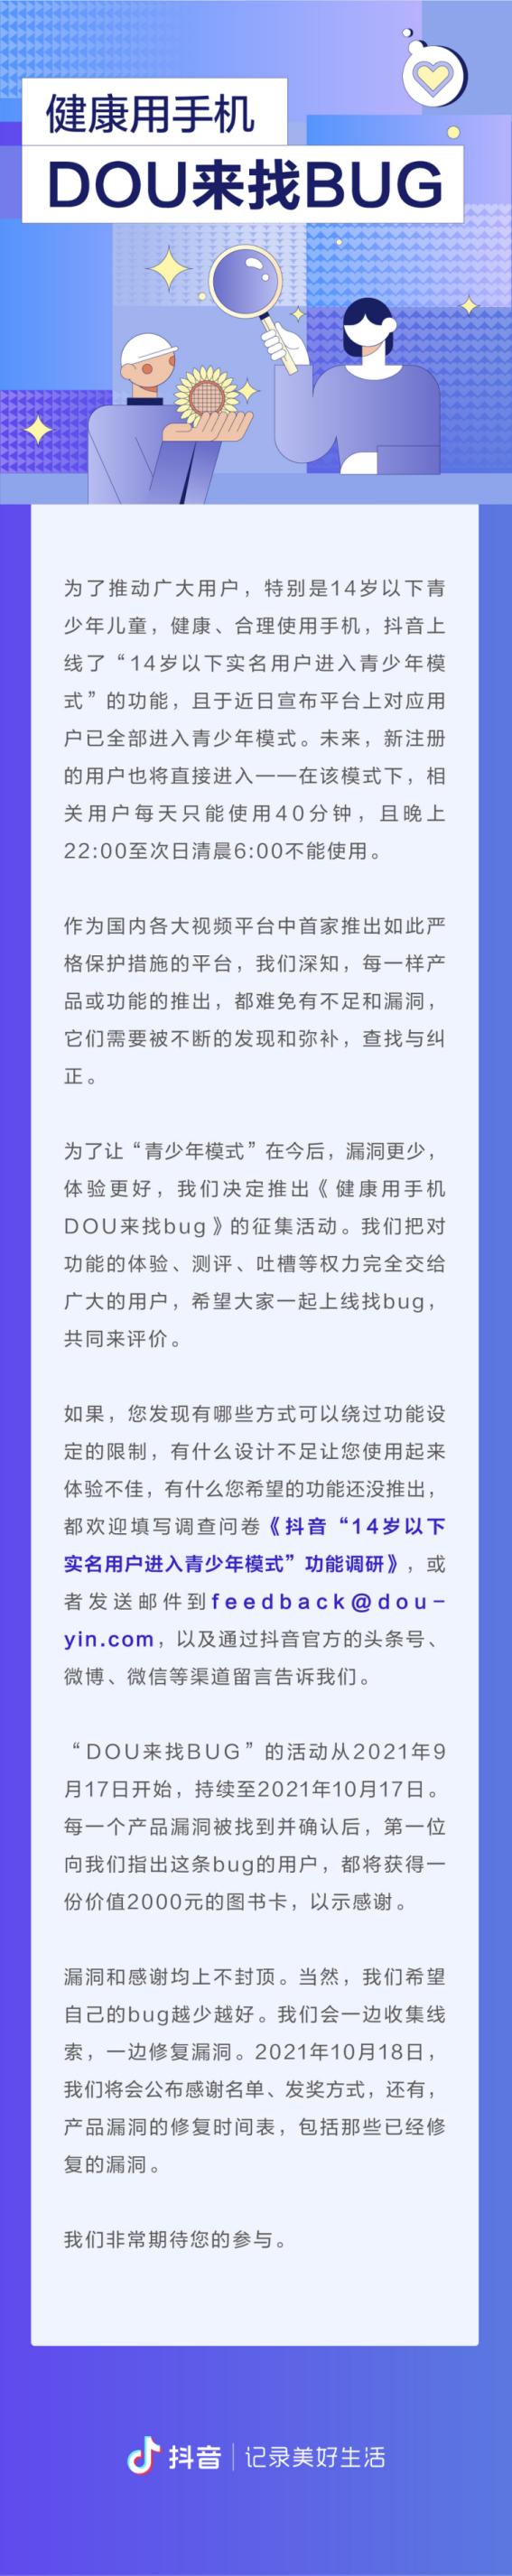 """升级青少年防沉迷措施 抖音推出有奖找""""bug""""活动"""